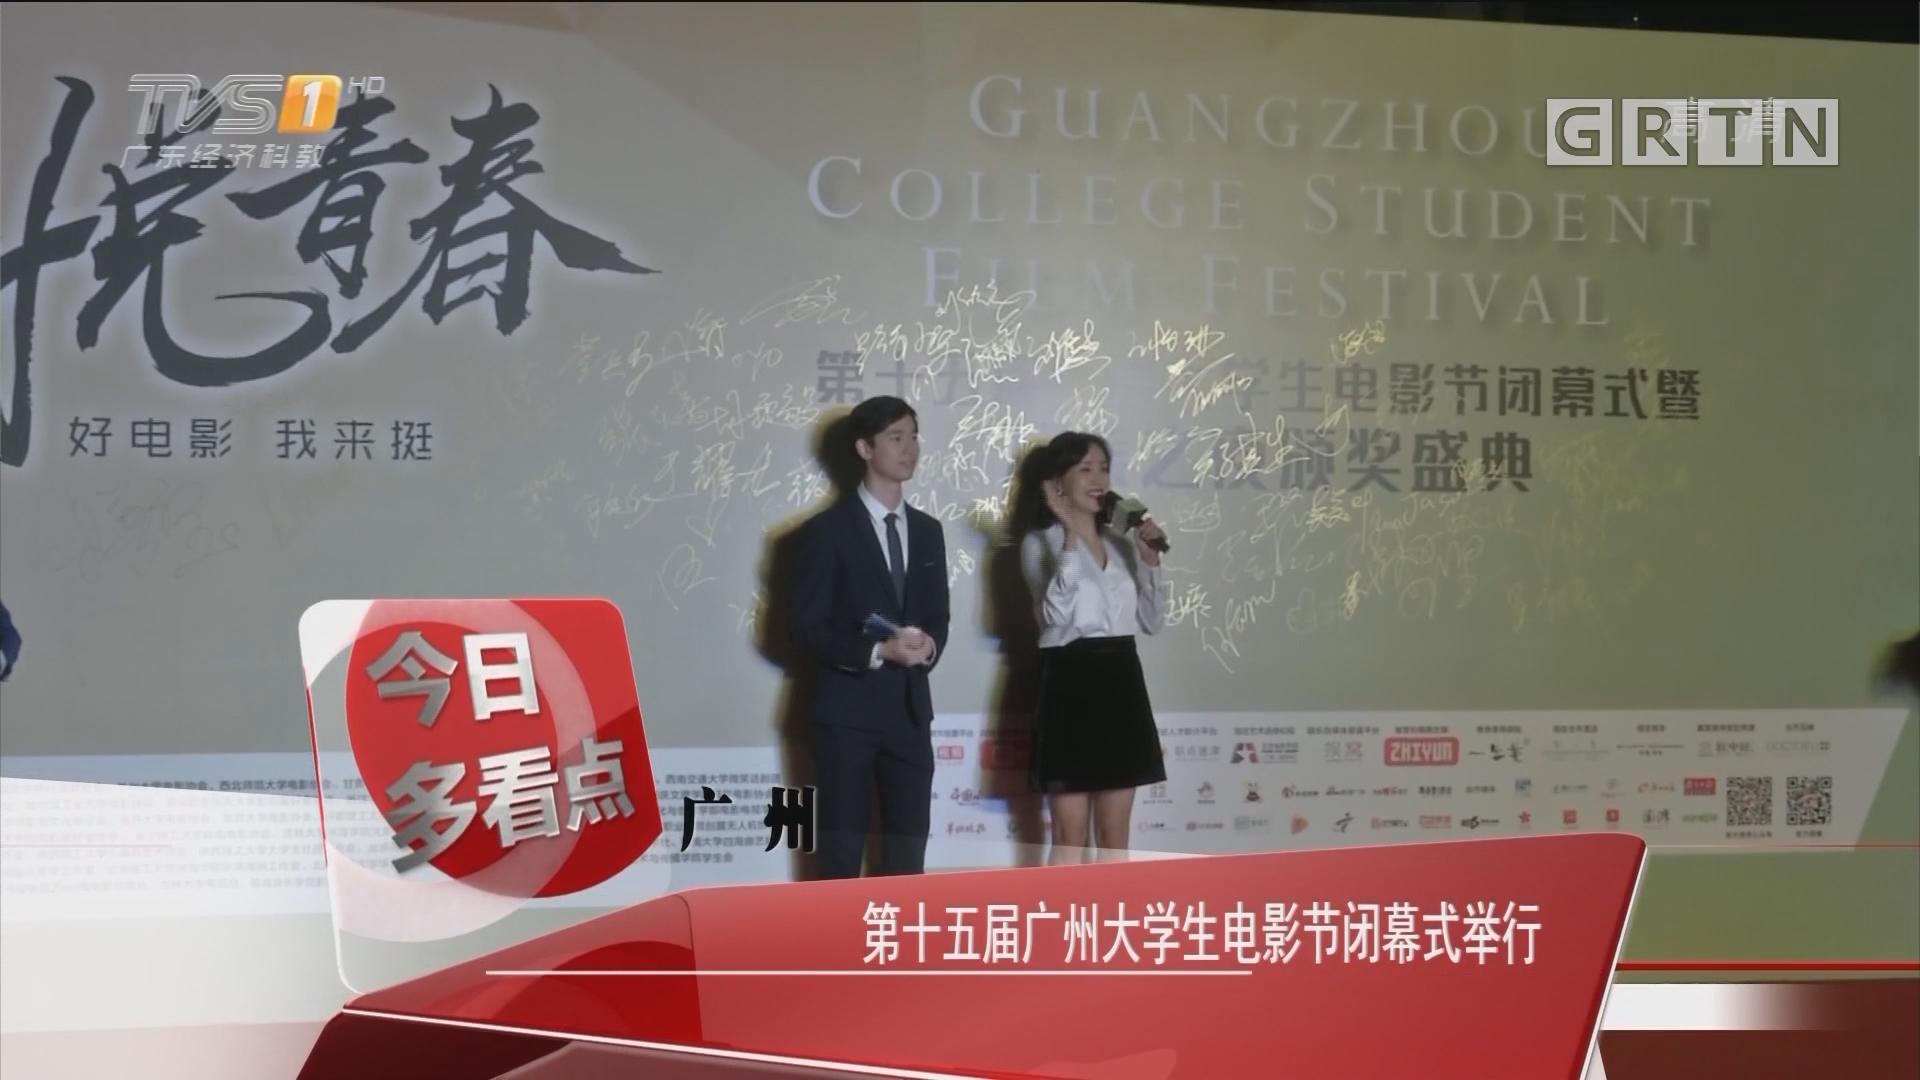 广州:第十五届广州大学生电影节闭幕式举行